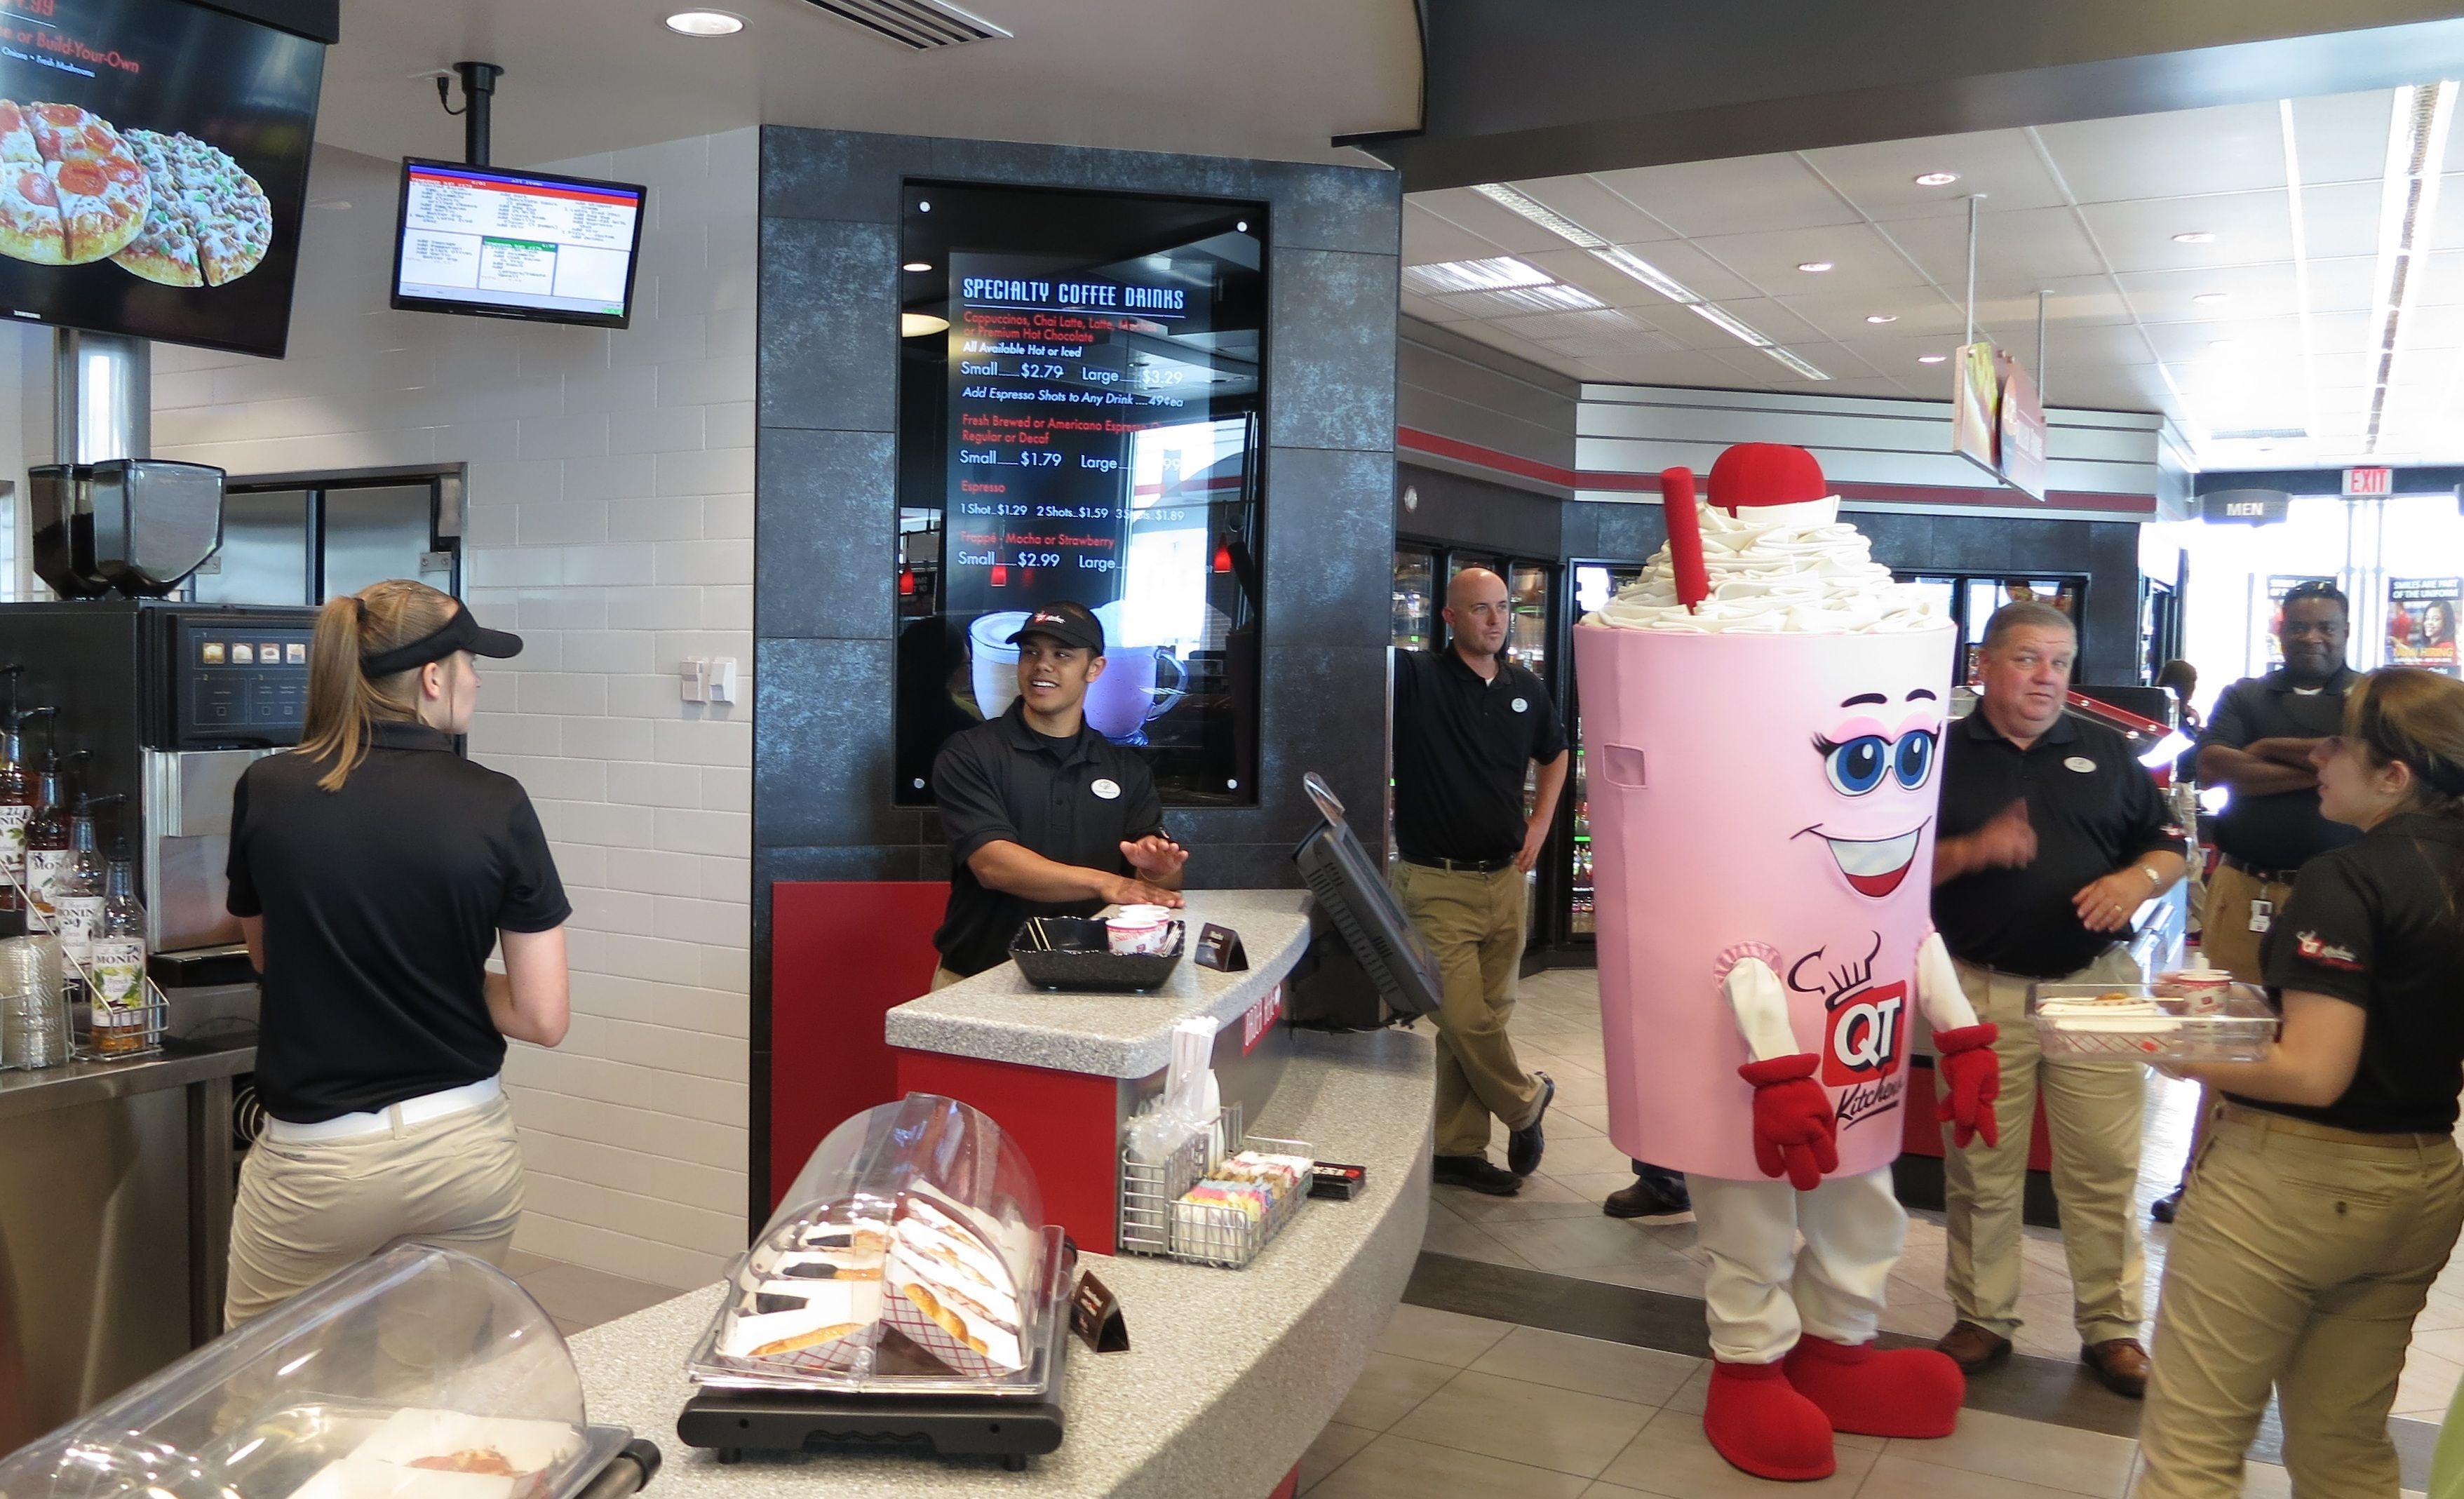 QT Kitchens QuikTrip at 37th St N and Rock Wichita KS